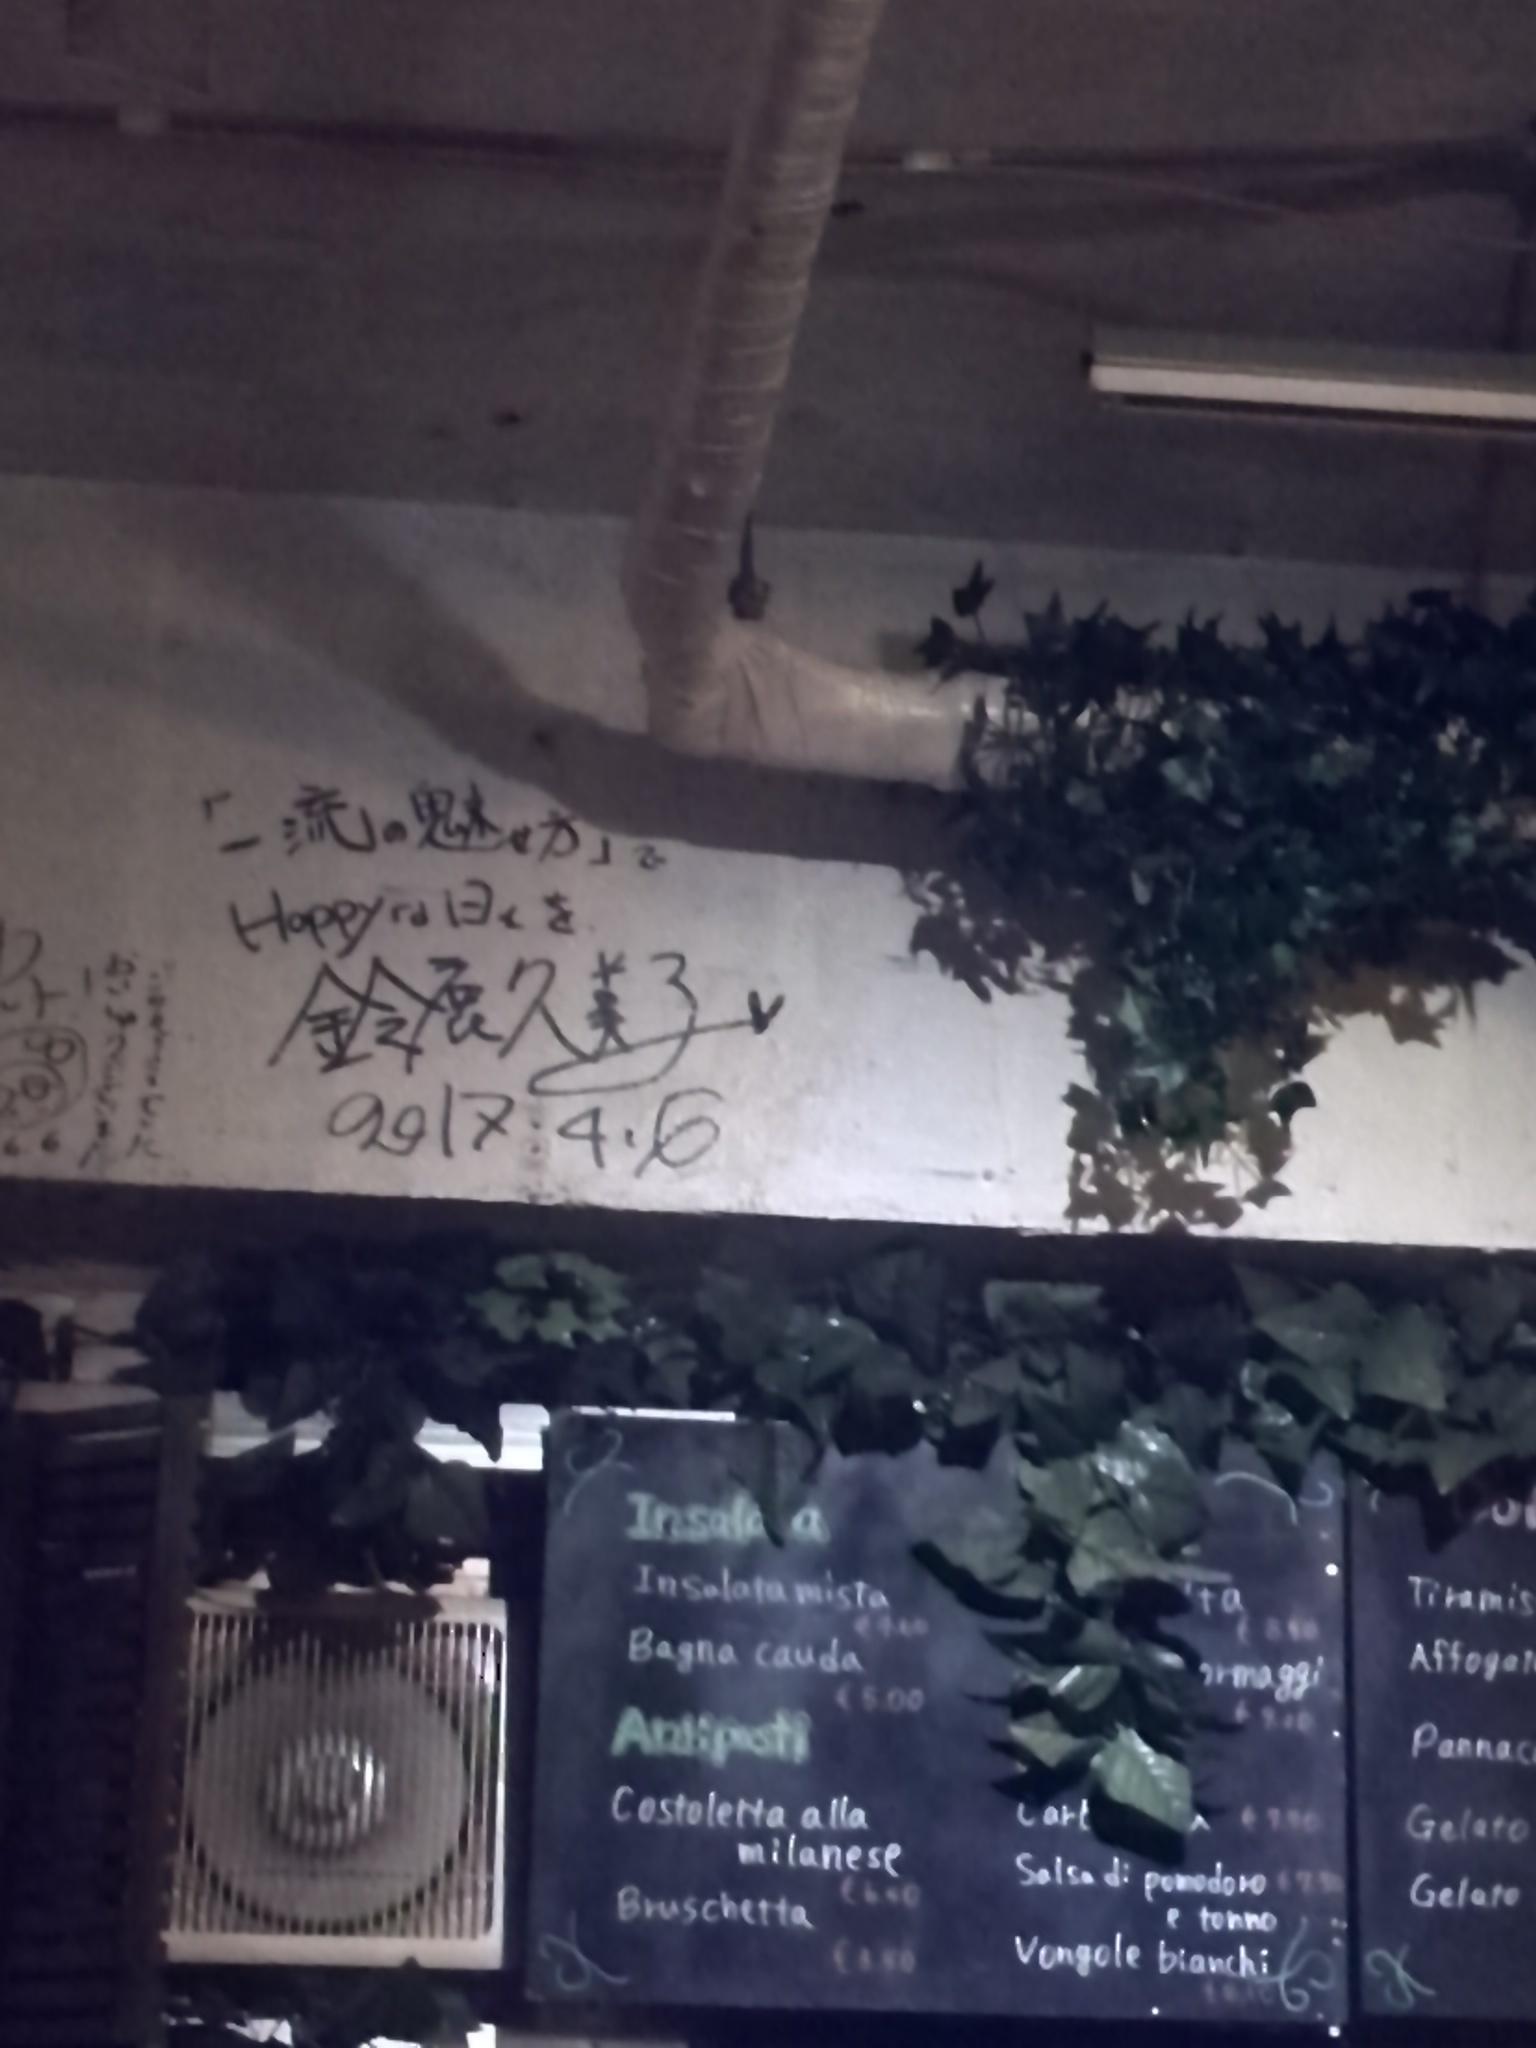 「女性選挙戦略家 鈴鹿久美子氏」の出版記念パーリィに行って来ました!_f0340942_23204881.jpg